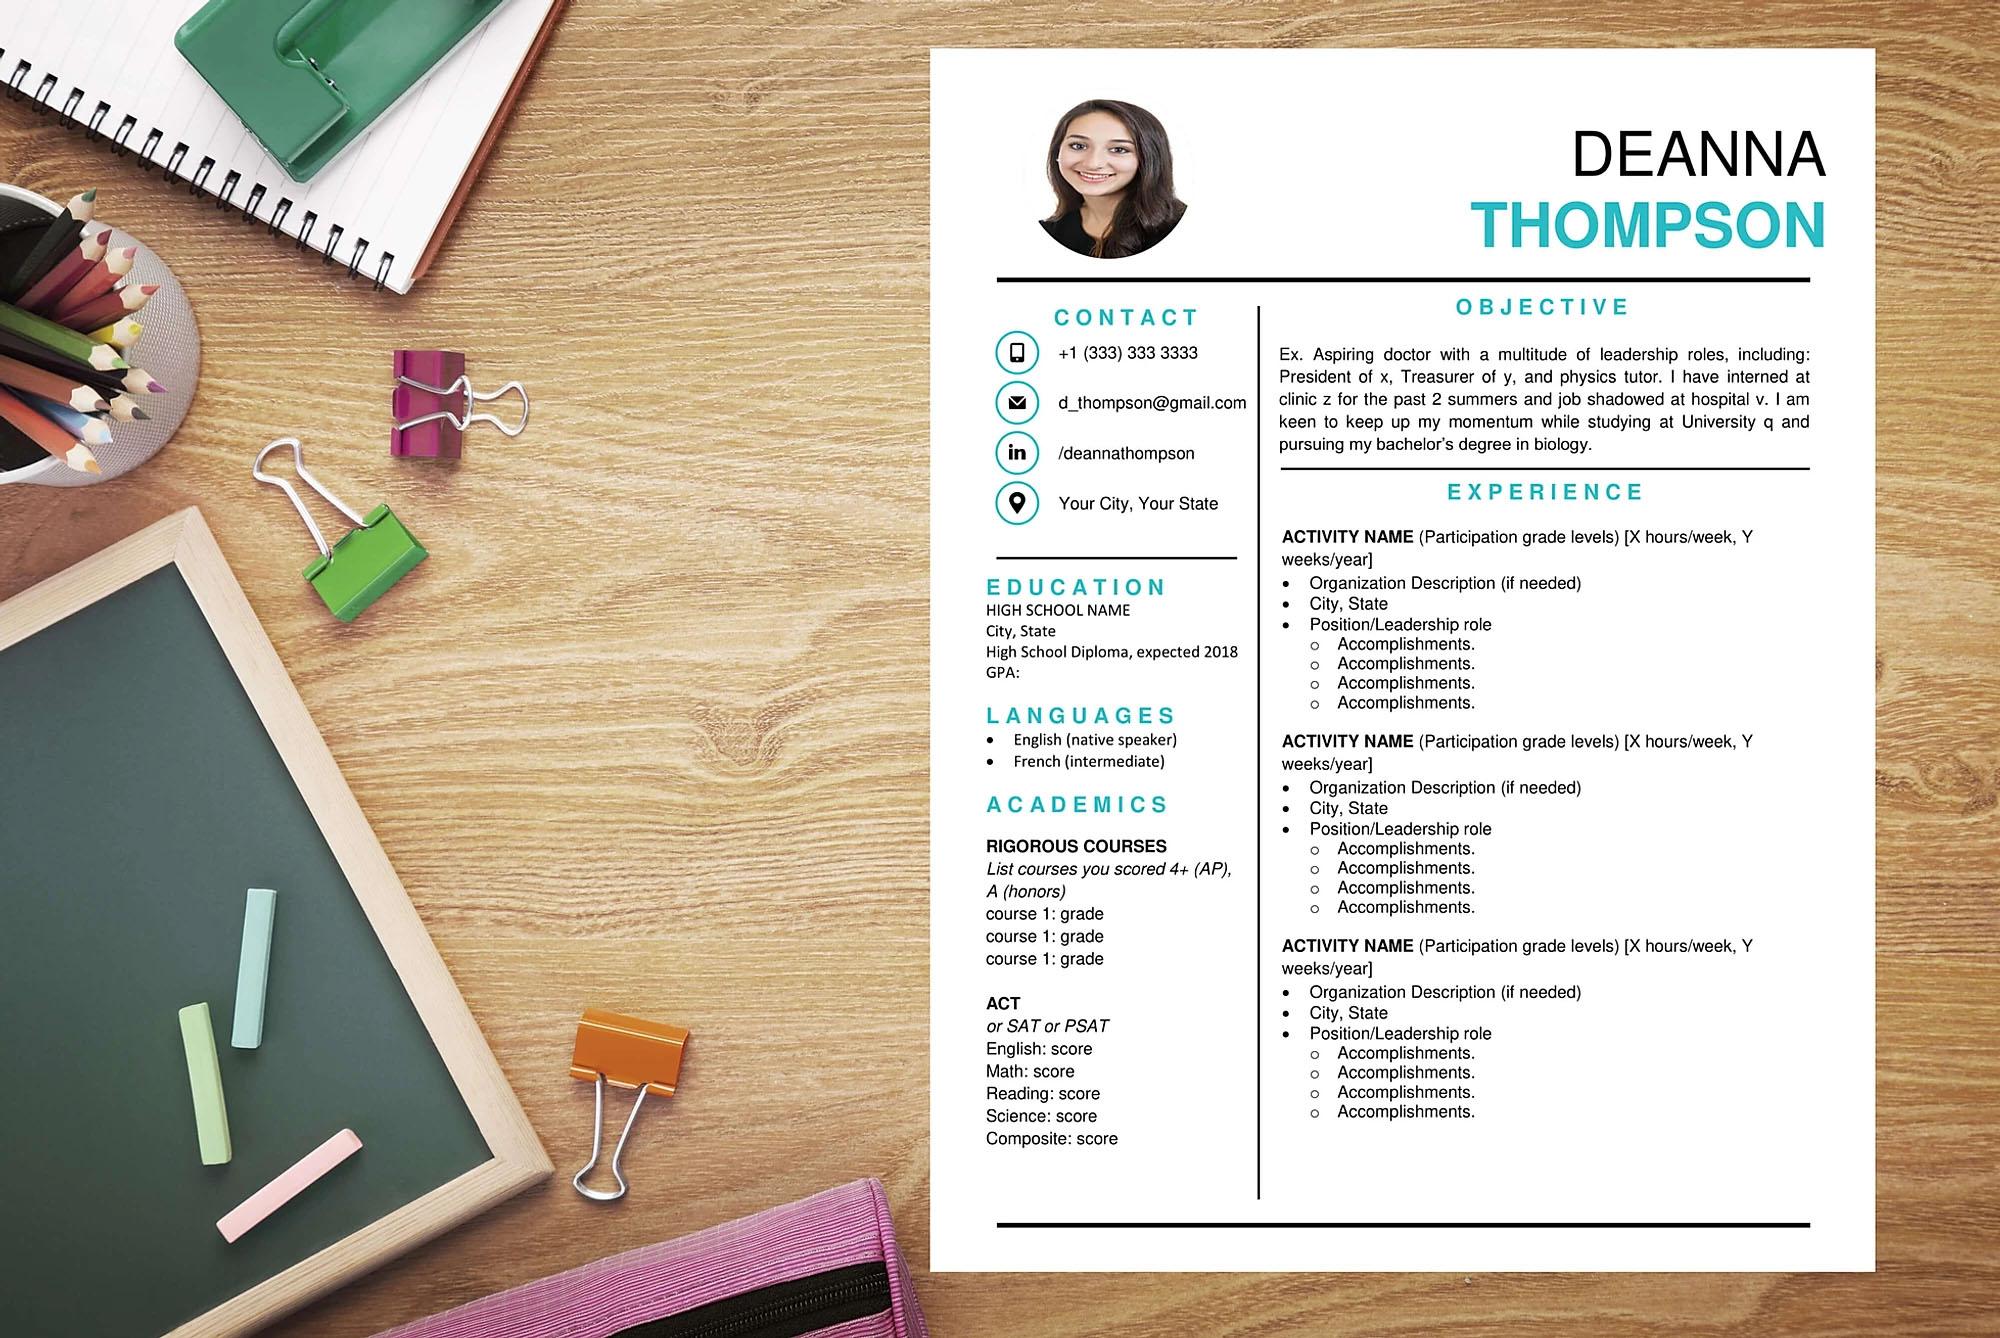 t1-resume-cover-letter-2